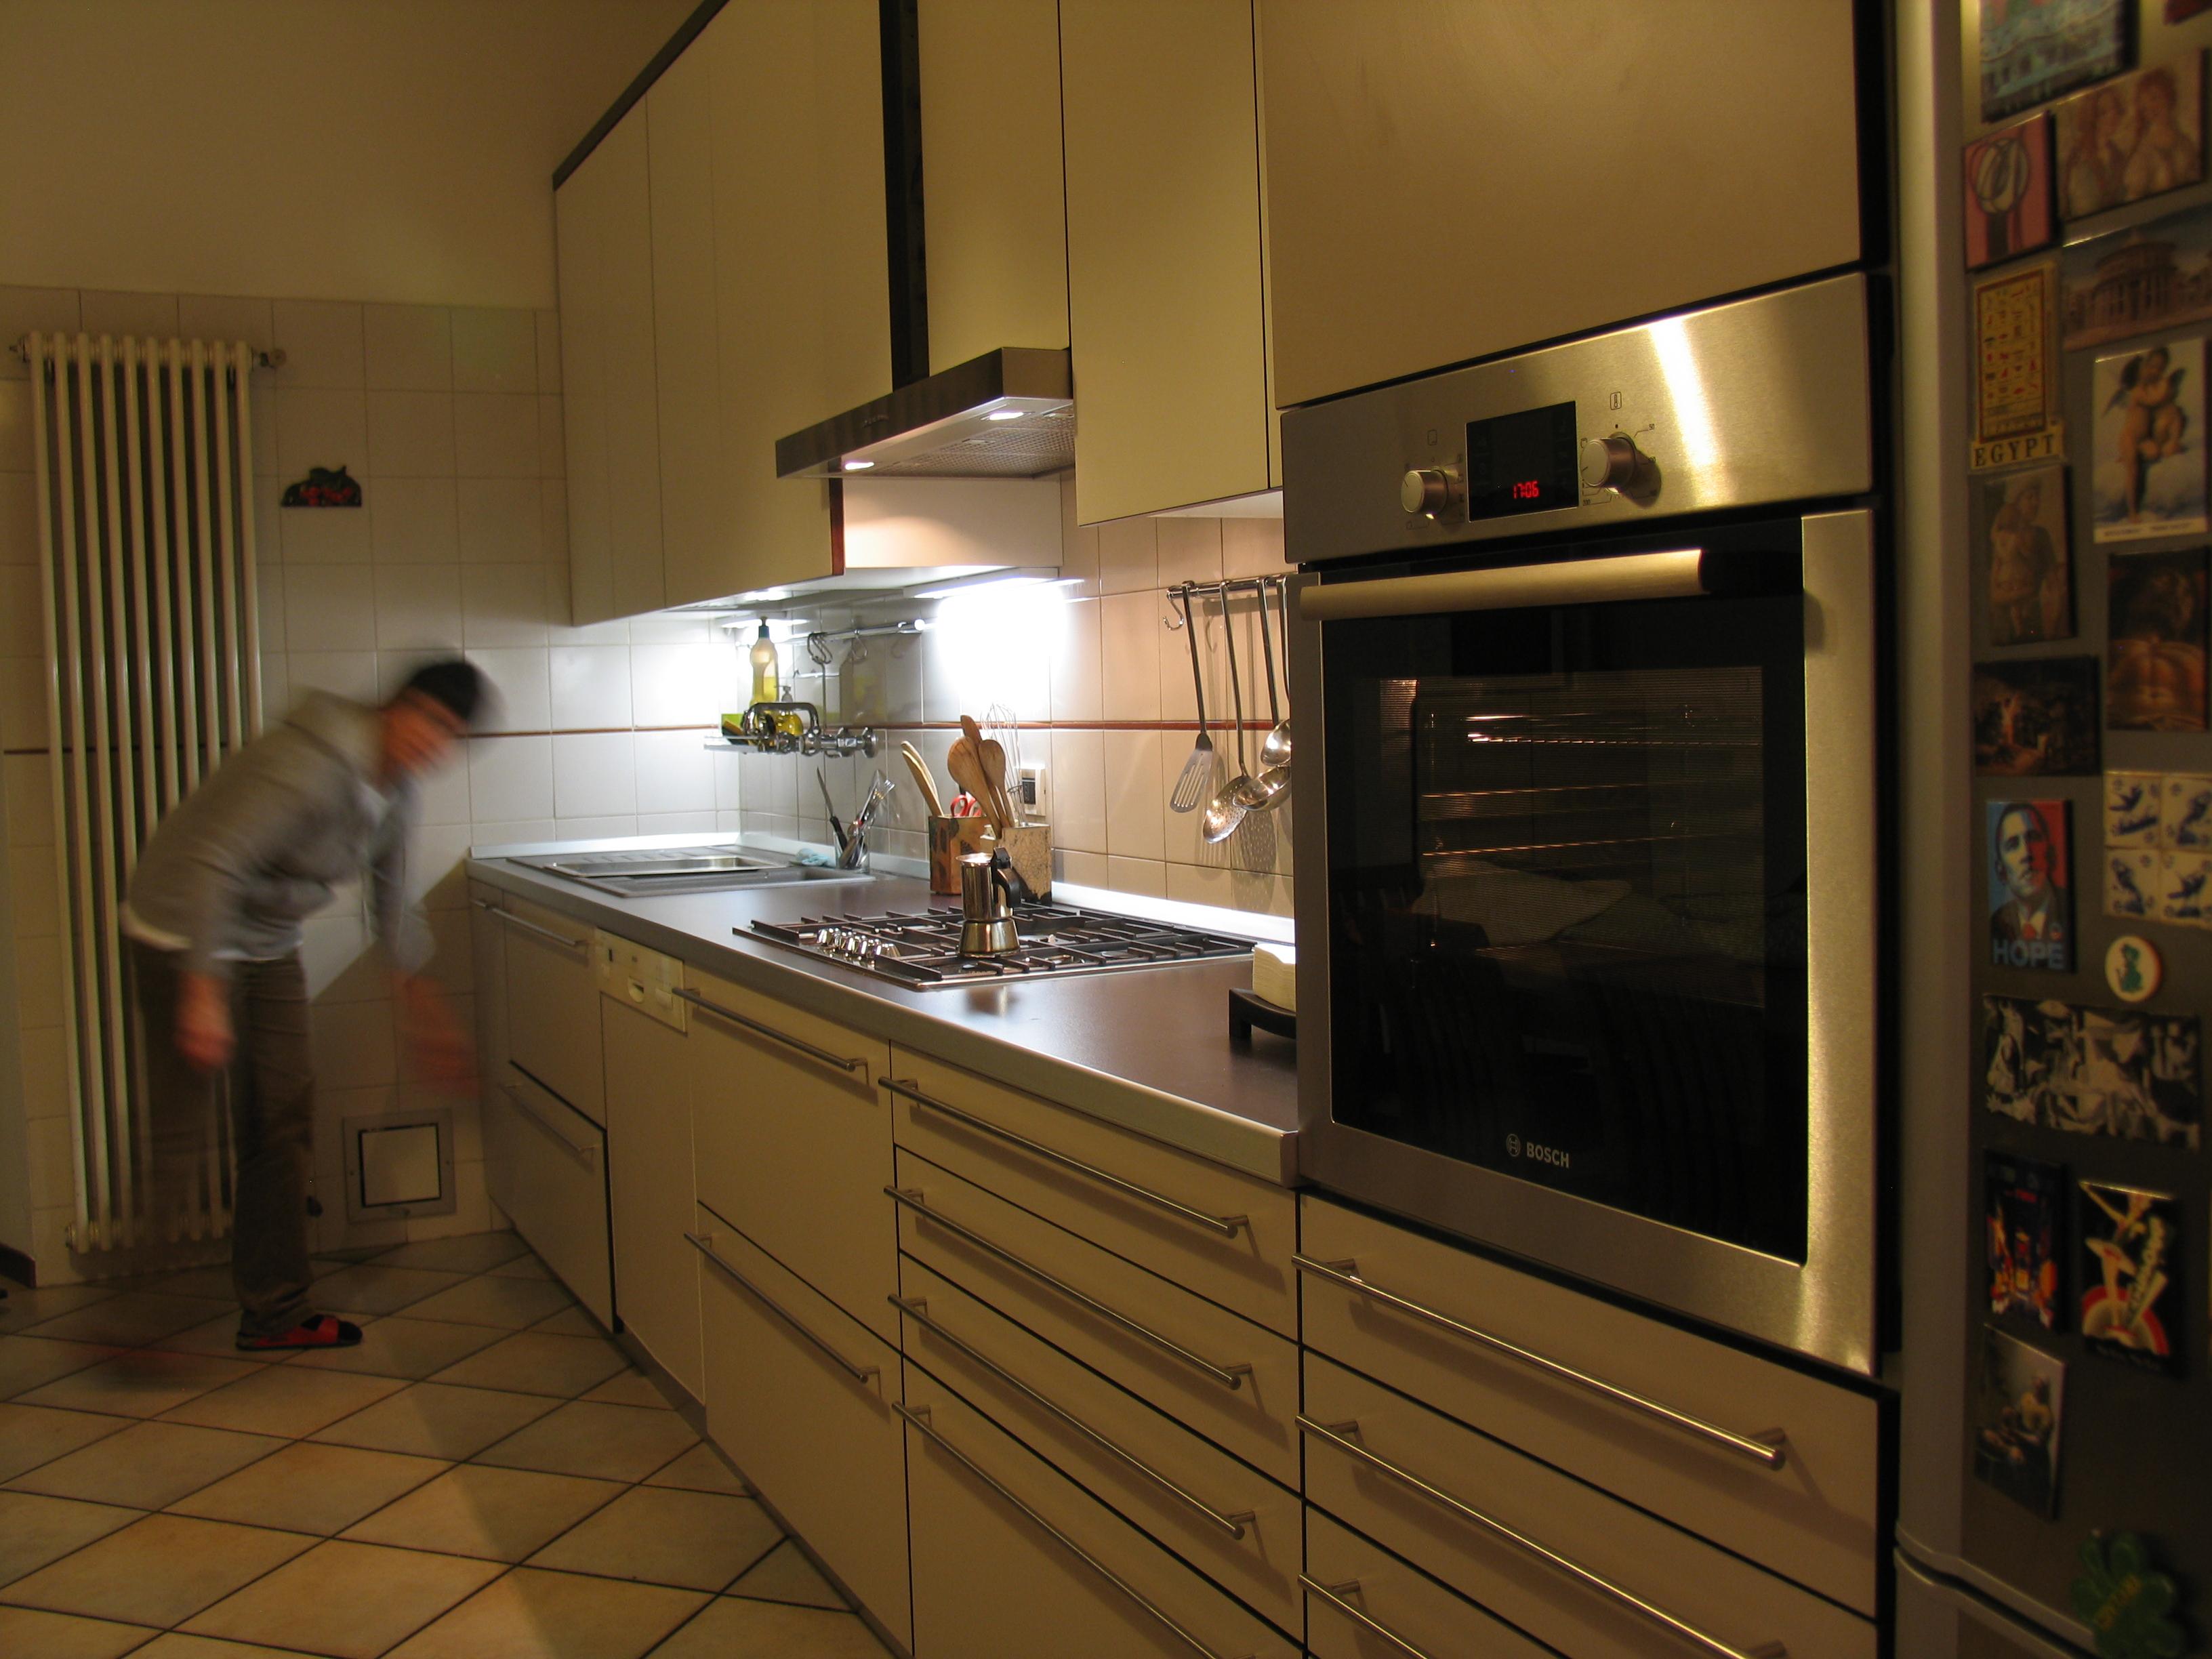 cucina 005.jpg